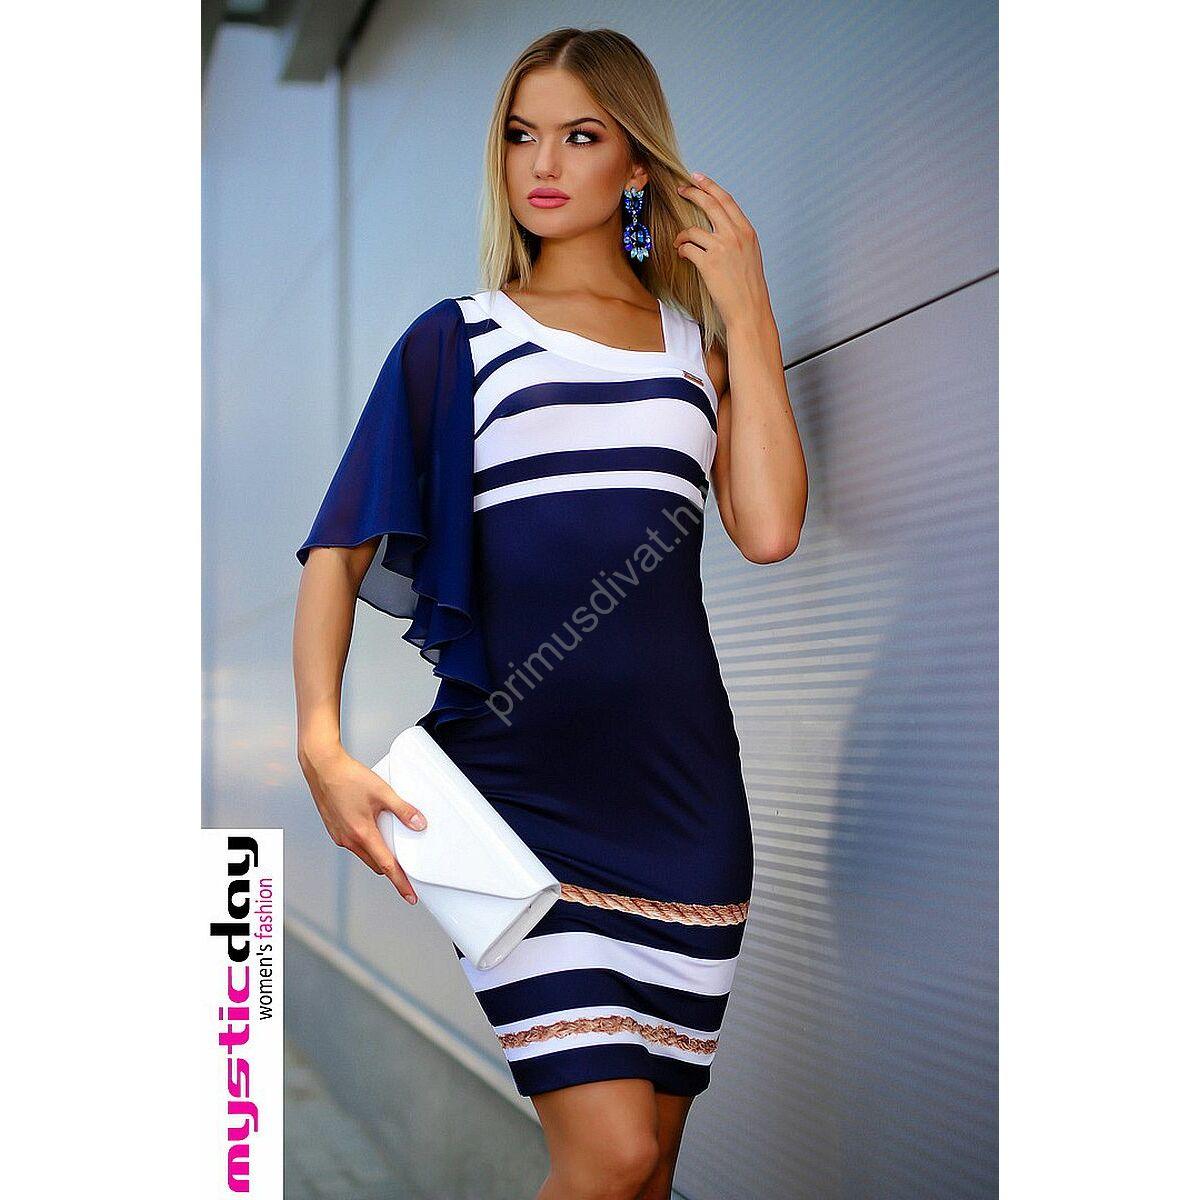 8367cf15f3 Kép 1/2 - Mystic Day aszimmetrikus nyakkivágású, muszlin lepkeujjú  kék-fehér tengerészcsíkos rugalmas anyagú ruha